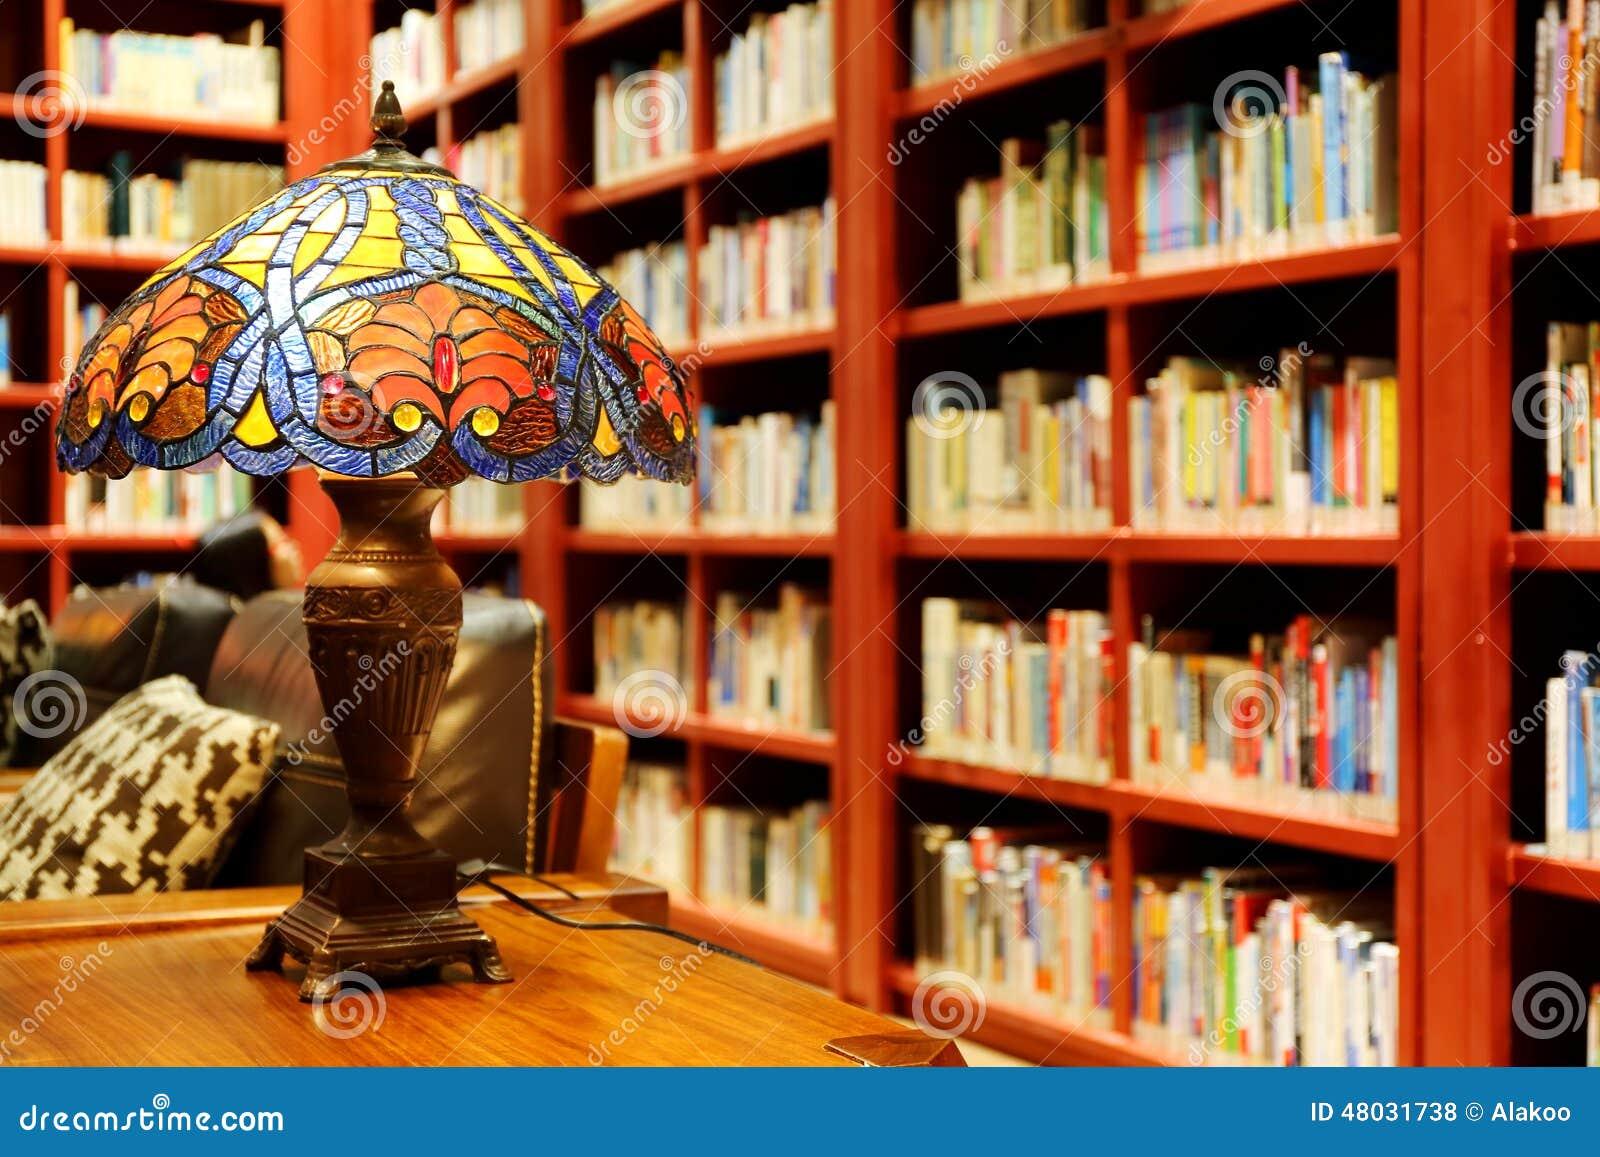 concept de vieux salle de lecture de biblioth que lampe de table de vintage livres et tag re. Black Bedroom Furniture Sets. Home Design Ideas